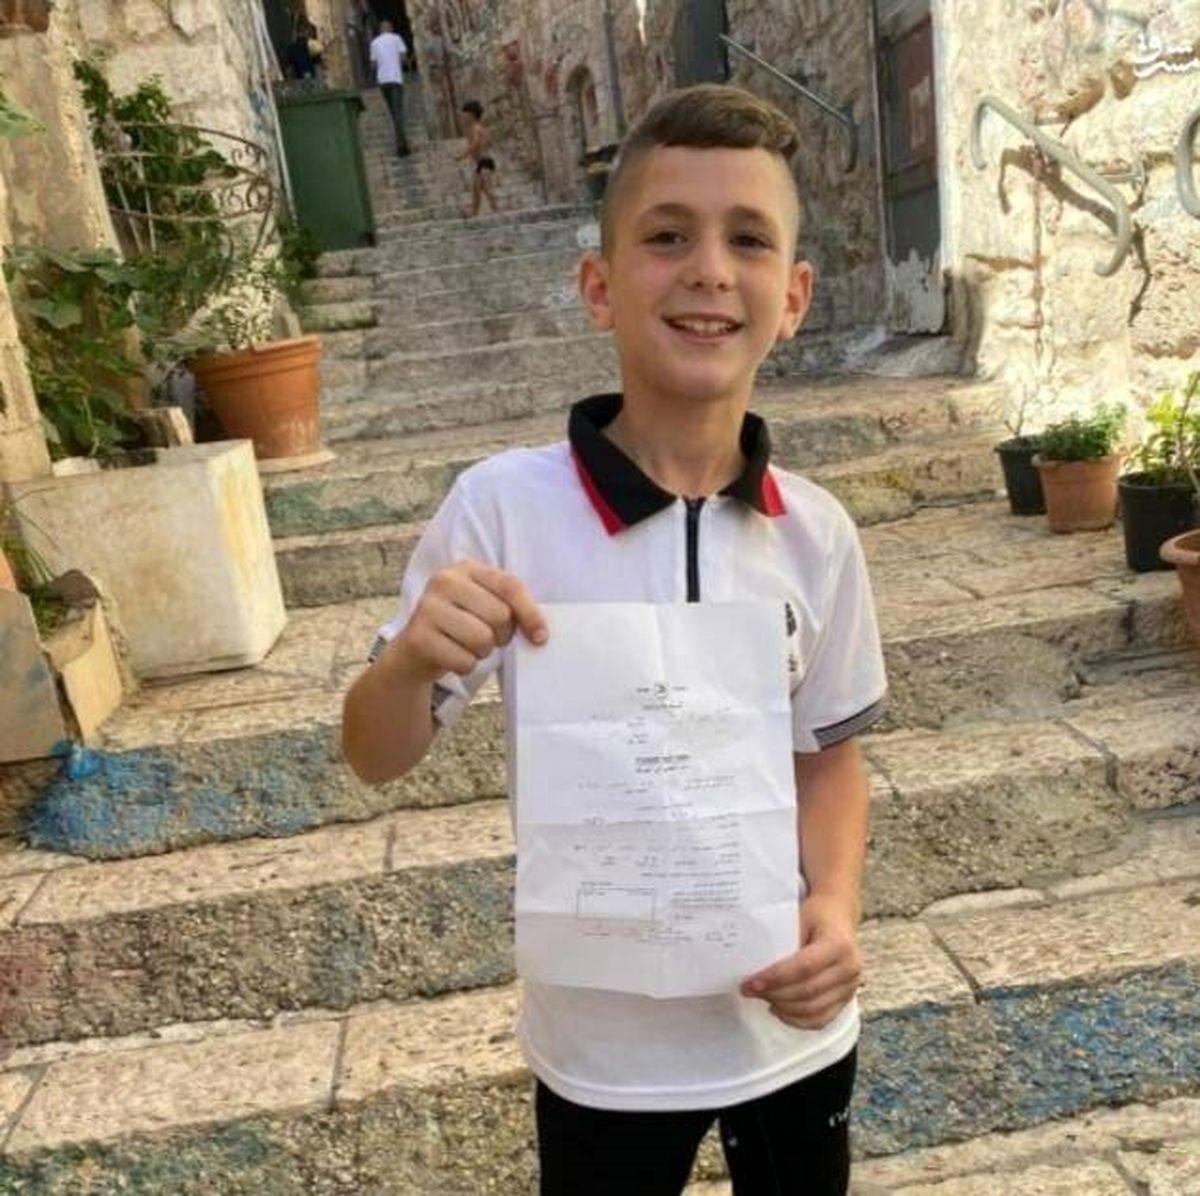 احضاریه کودک ۹ ساله برای بازجویی!+ عکس